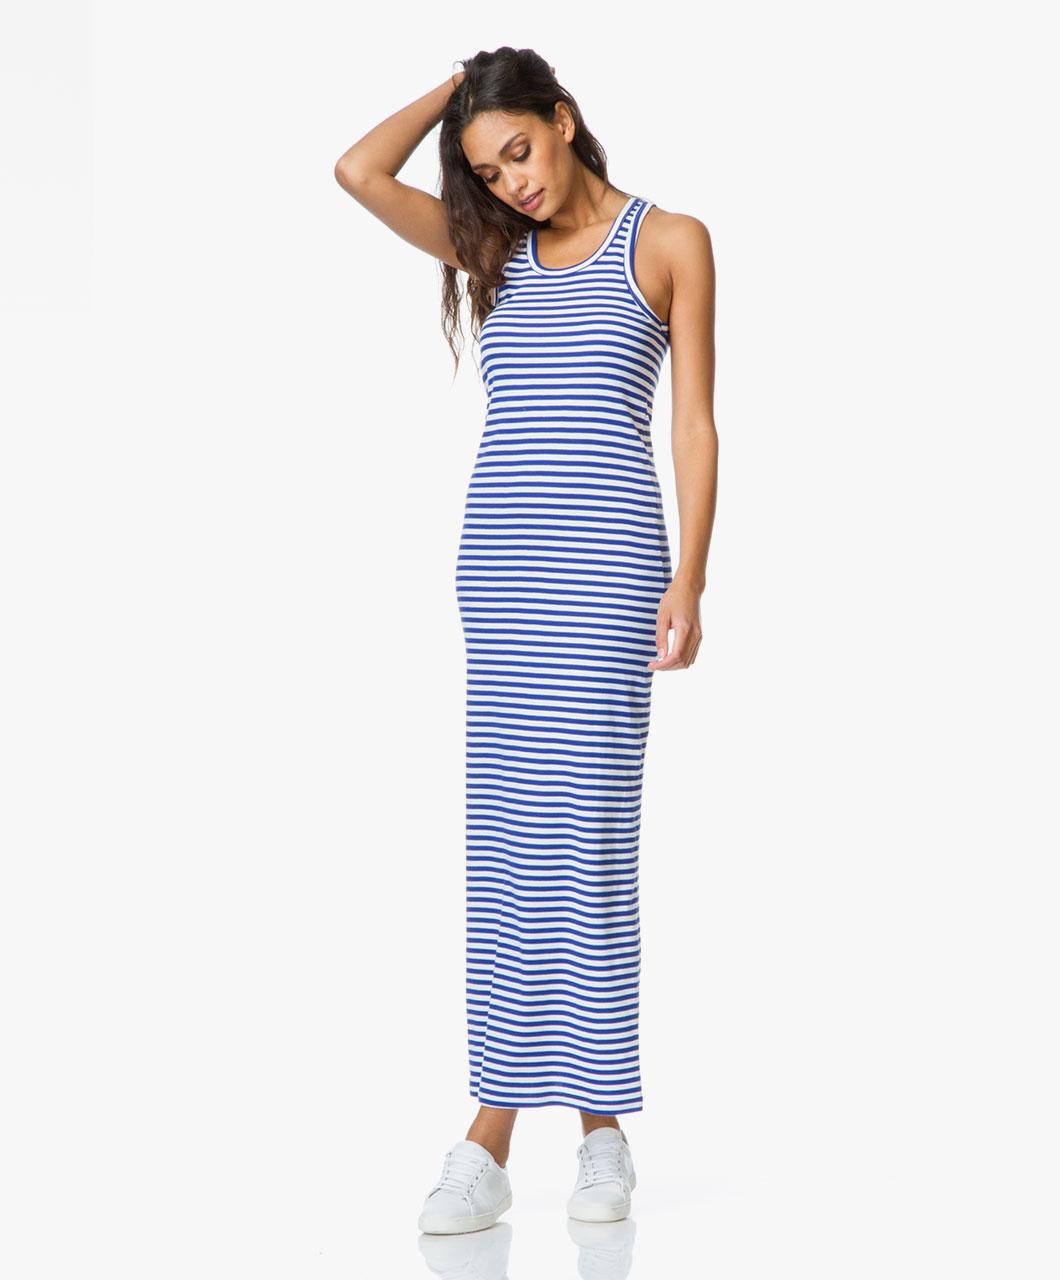 Maxi jurk blauw wit gestreept  u2013 Eenvoudig en onge u00ebvenaarde